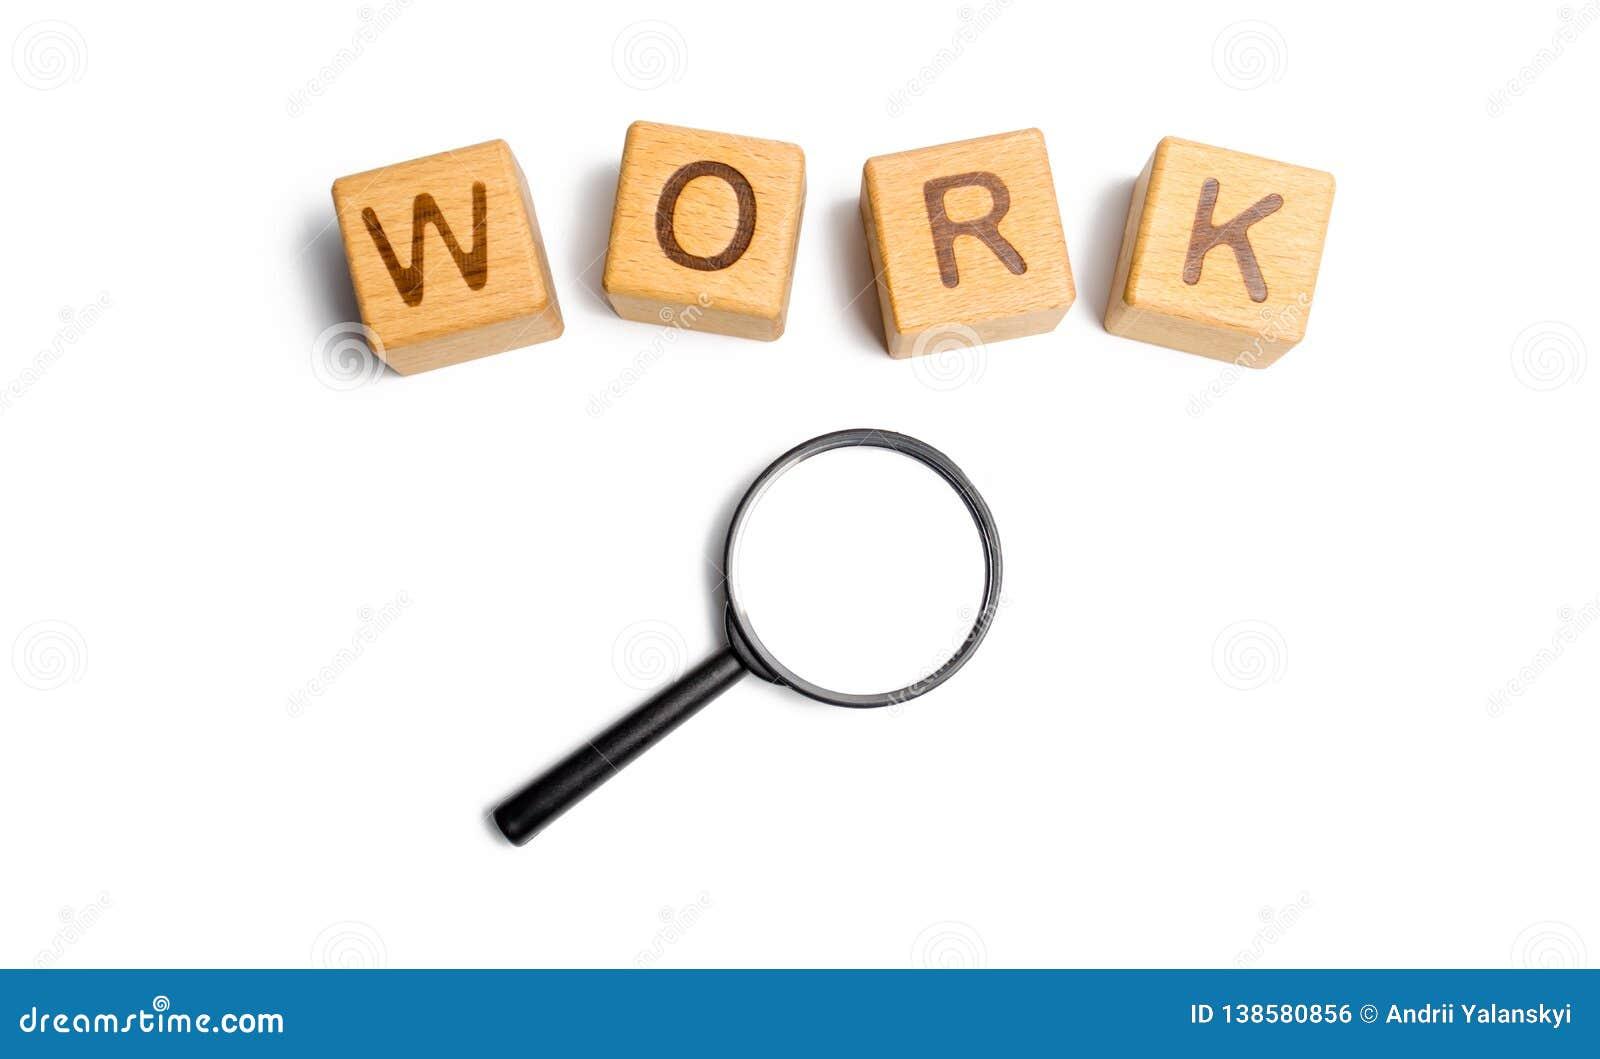 Κύβοι επονομαζόμενοι την εργασία με την ενίσχυση - γυαλί Έννοια της αναζήτησης εργασίας ή των εργαζομένων μισθώνοντας ειδικοί και